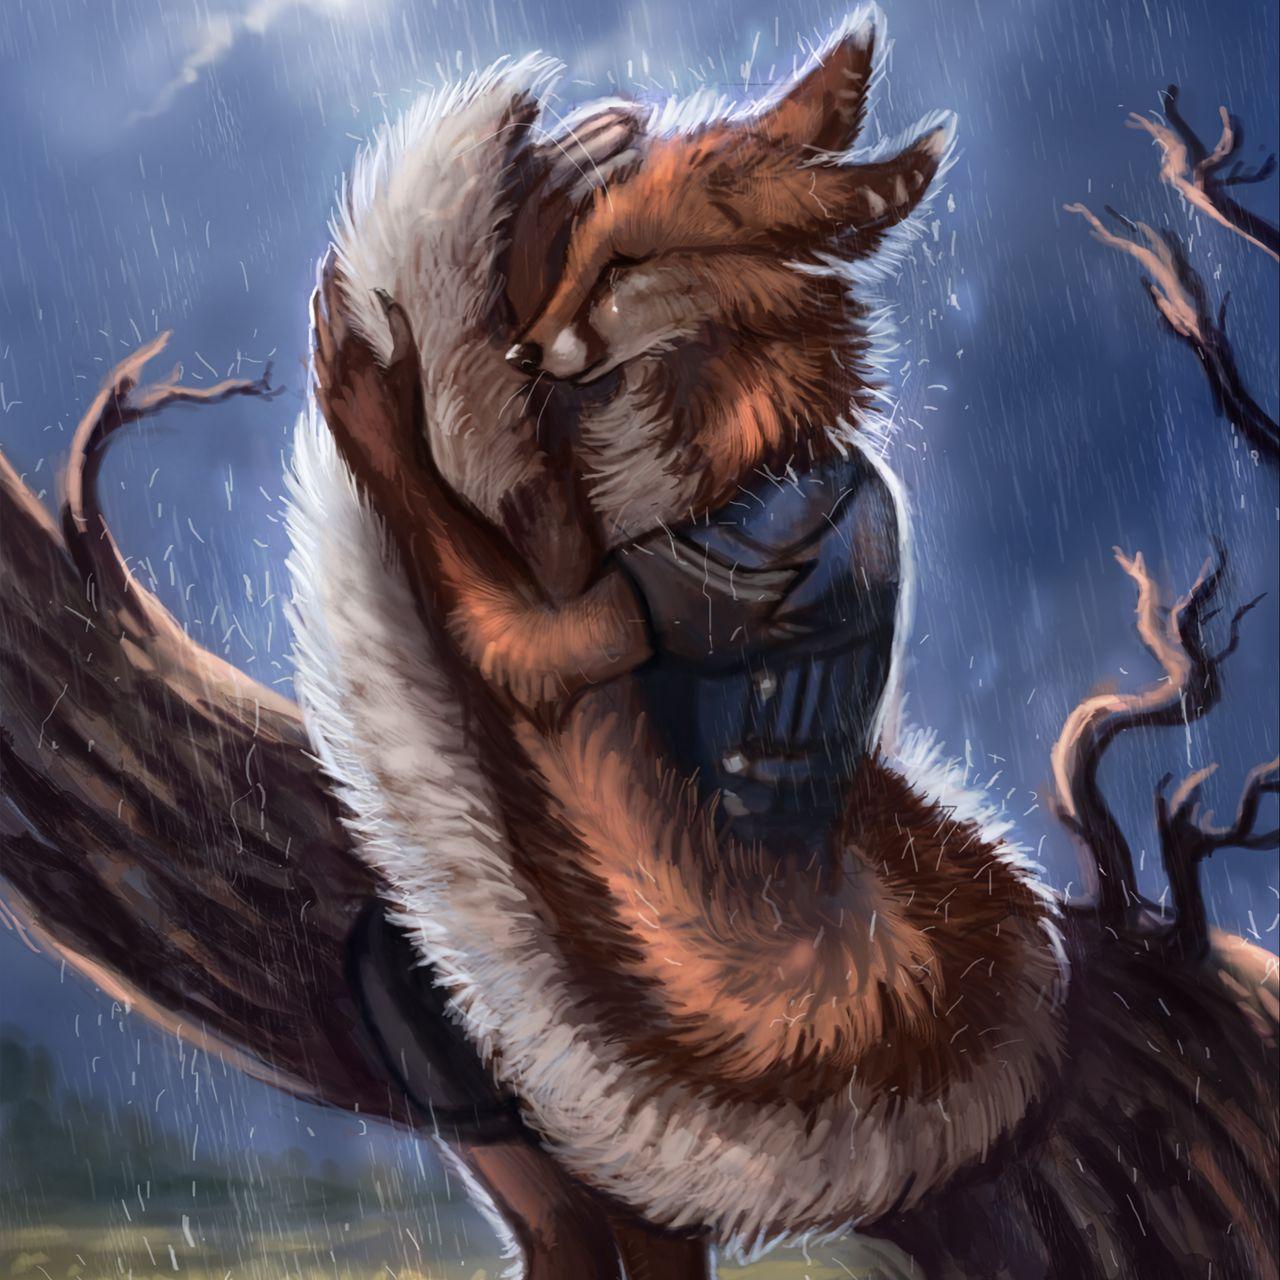 1280x1280 Wallpaper fox, tail, rain, hide, sadness